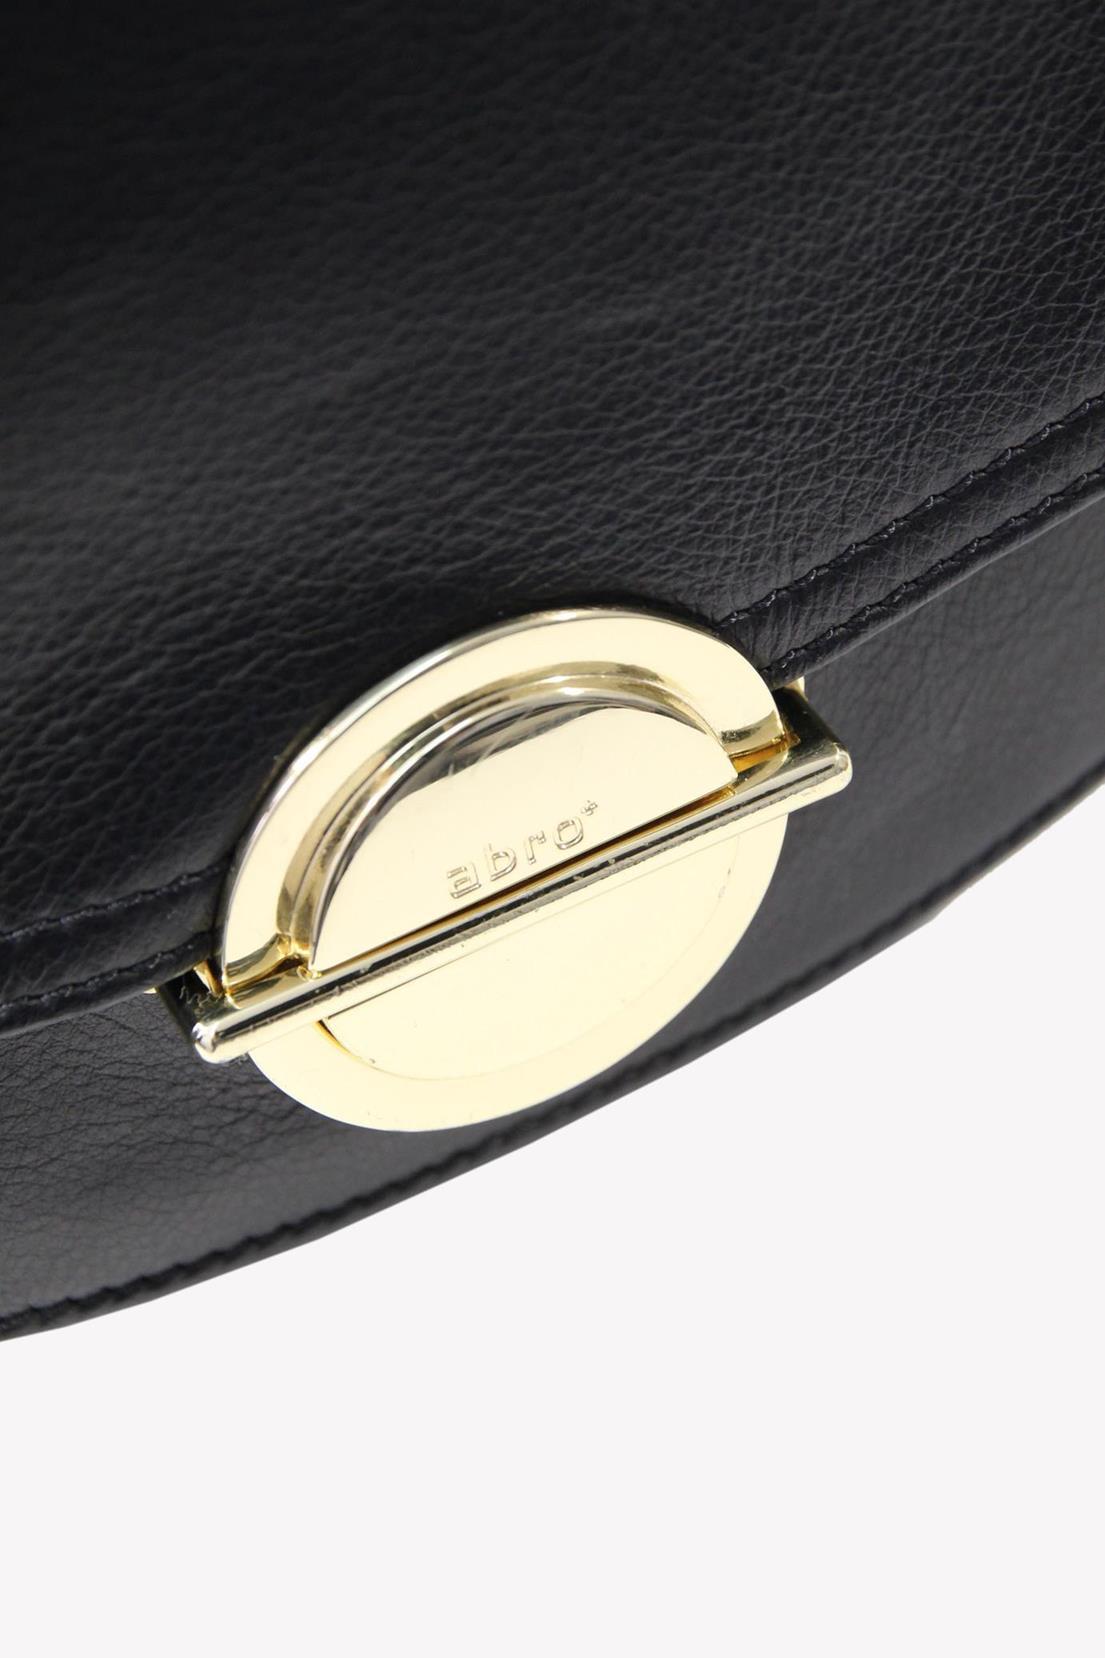 Umhängetasche in Schwarz aus Leder Abro